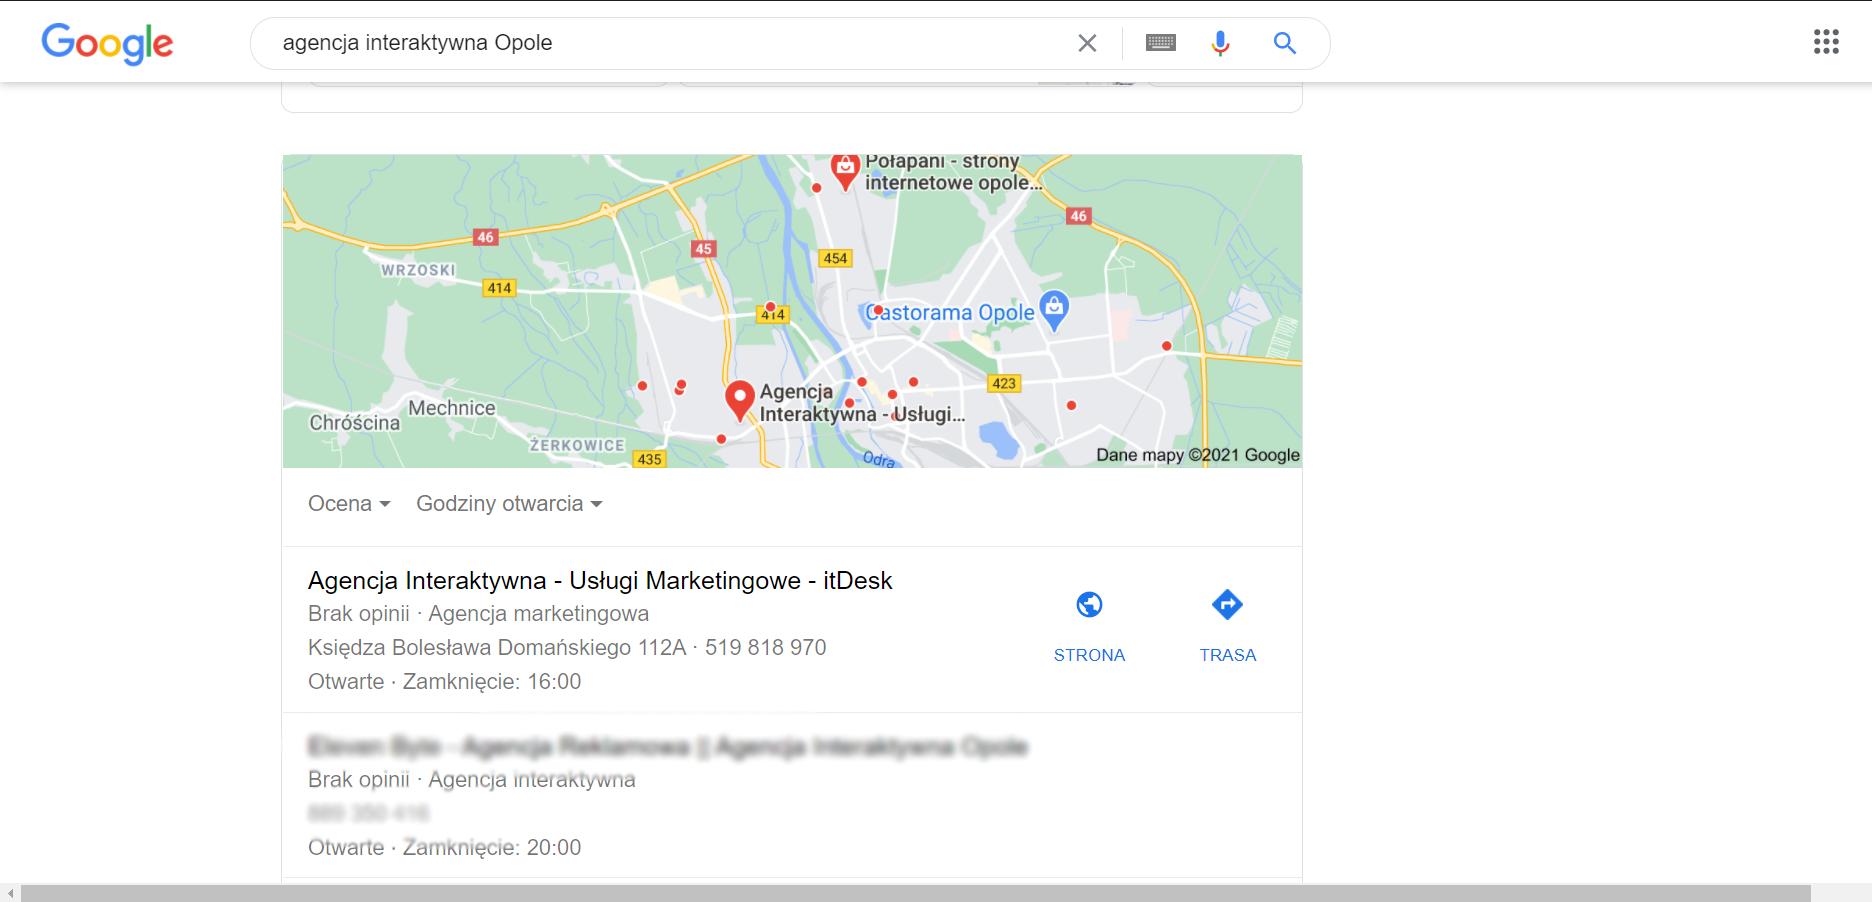 Wyniki wyszukiwania agencji marketingowej w Google Maps